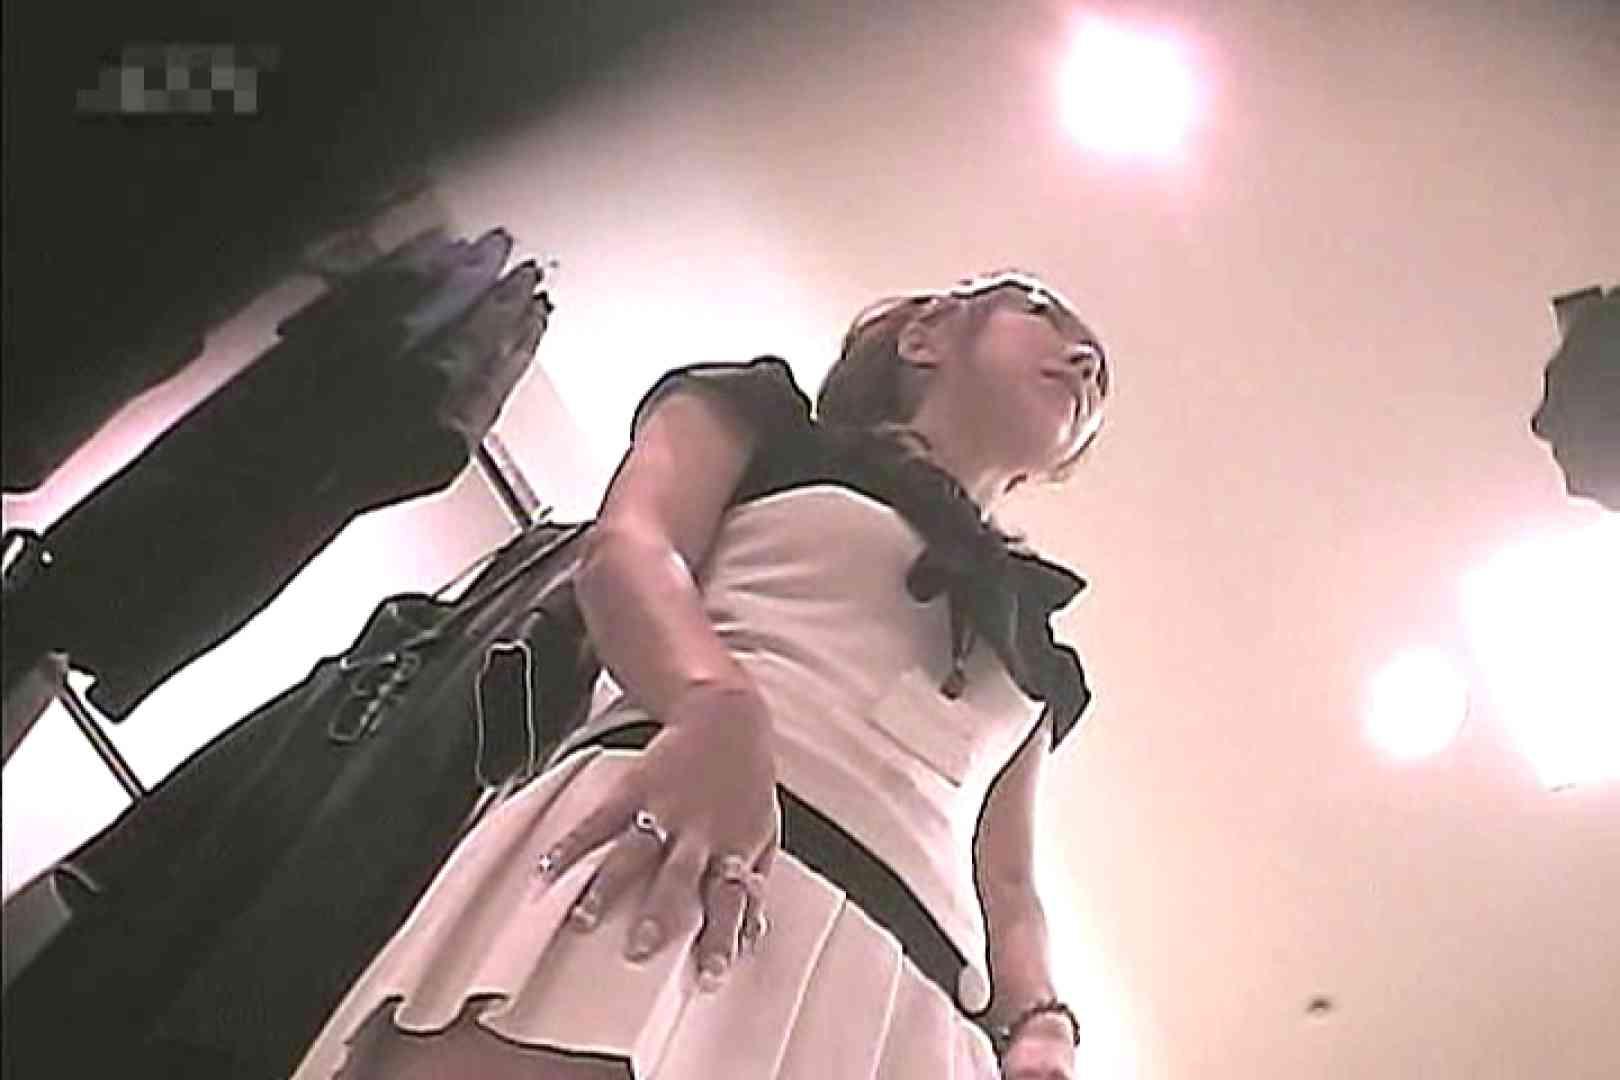 ショップ店員のパンチラアクシデント Vol.8 新入生パンチラ オメコ動画キャプチャ 103pic 53